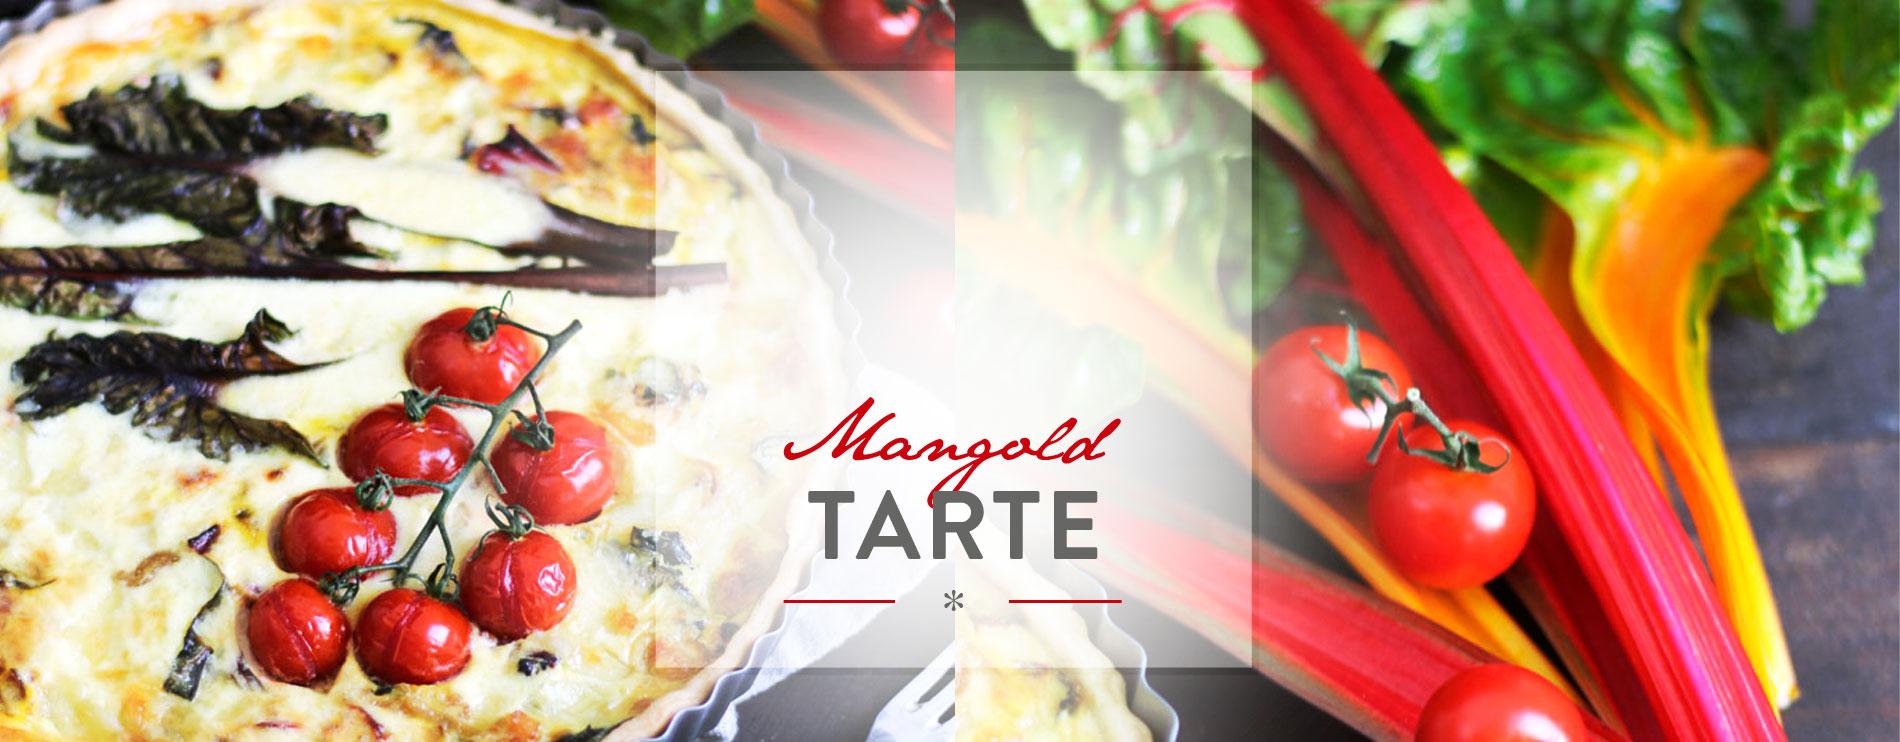 Header Mangold Tarte